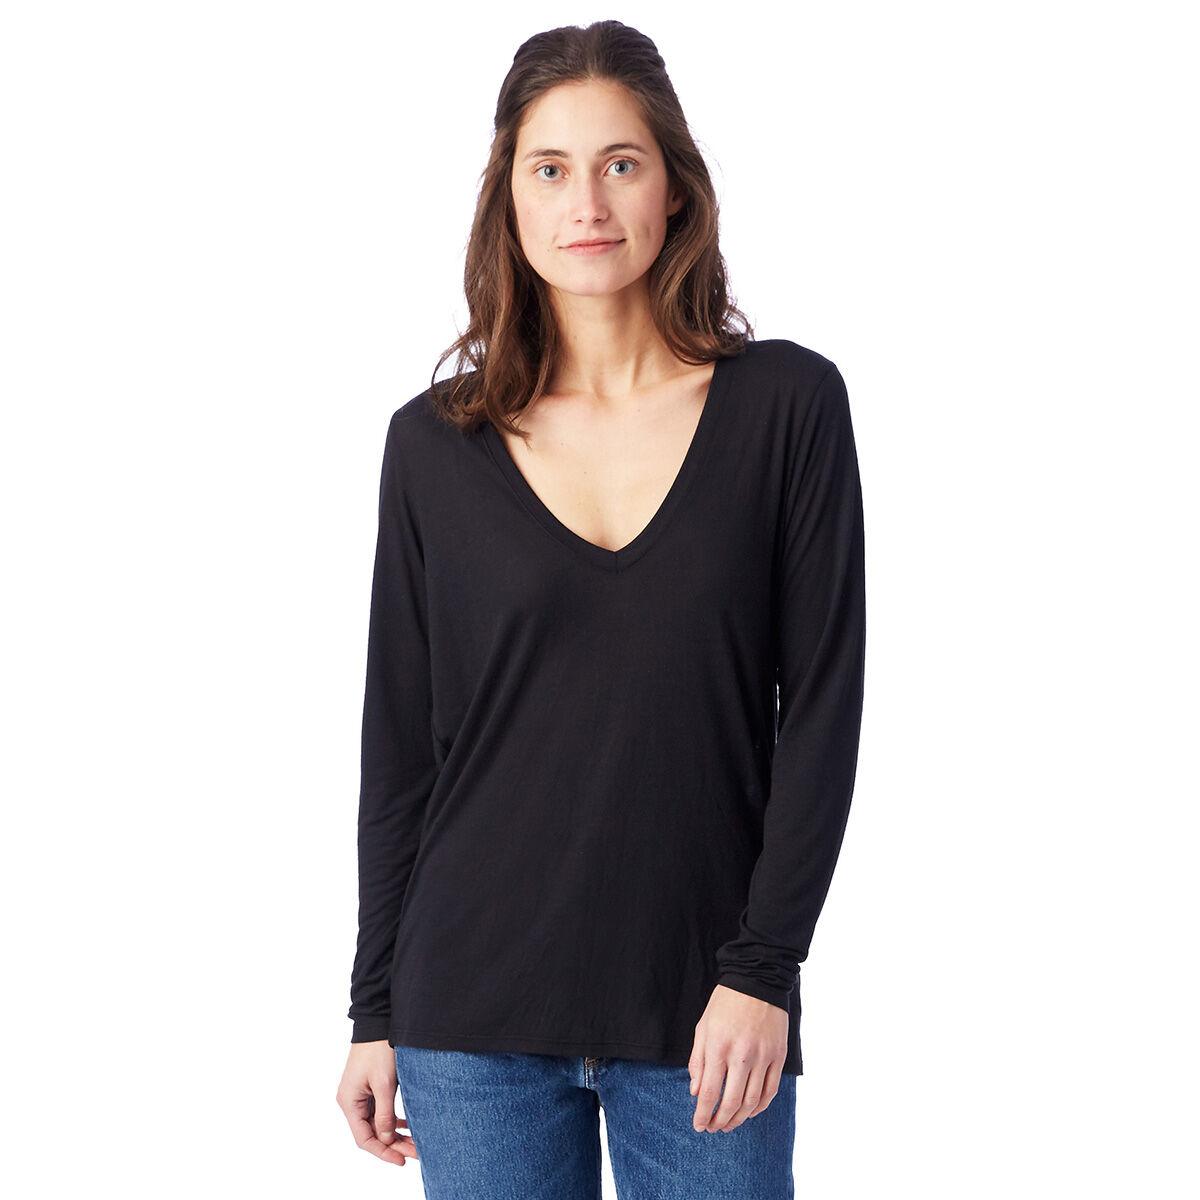 T Fluide Noir Femme À Manches Shirt Longues JTKFcl13